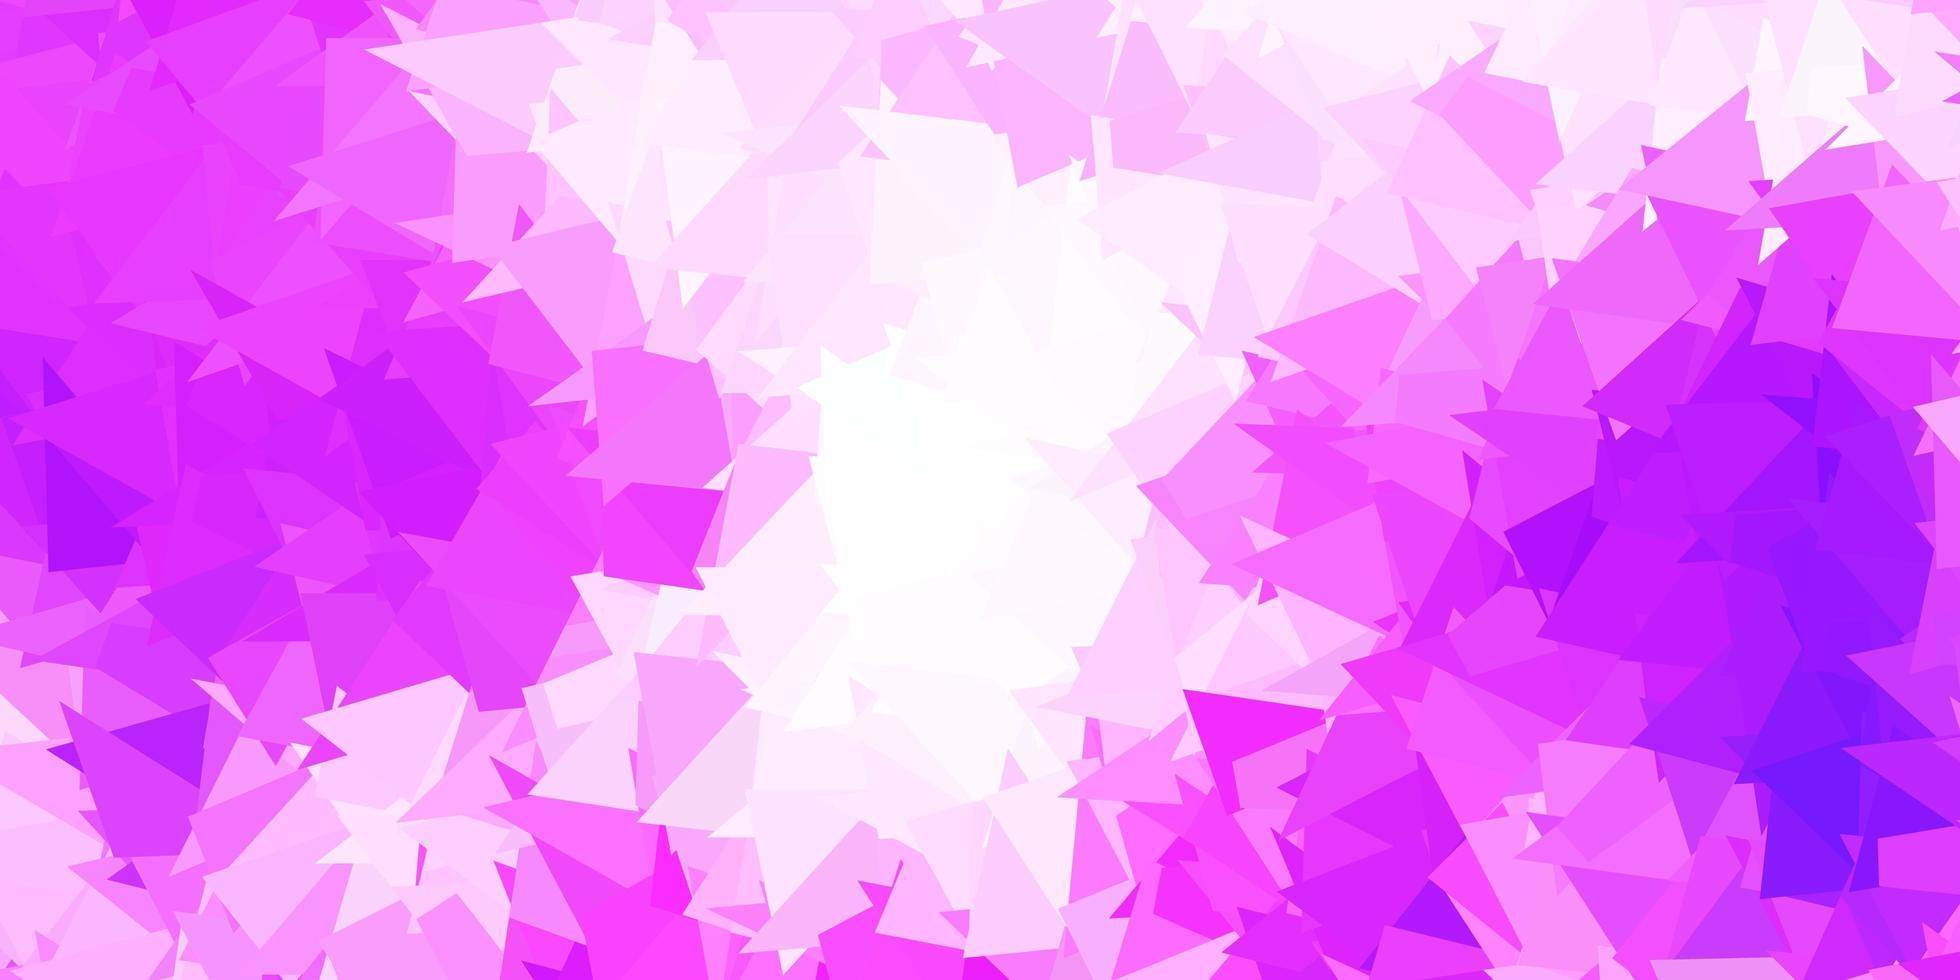 fond d'écran polygonale géométrique vecteur violet clair.